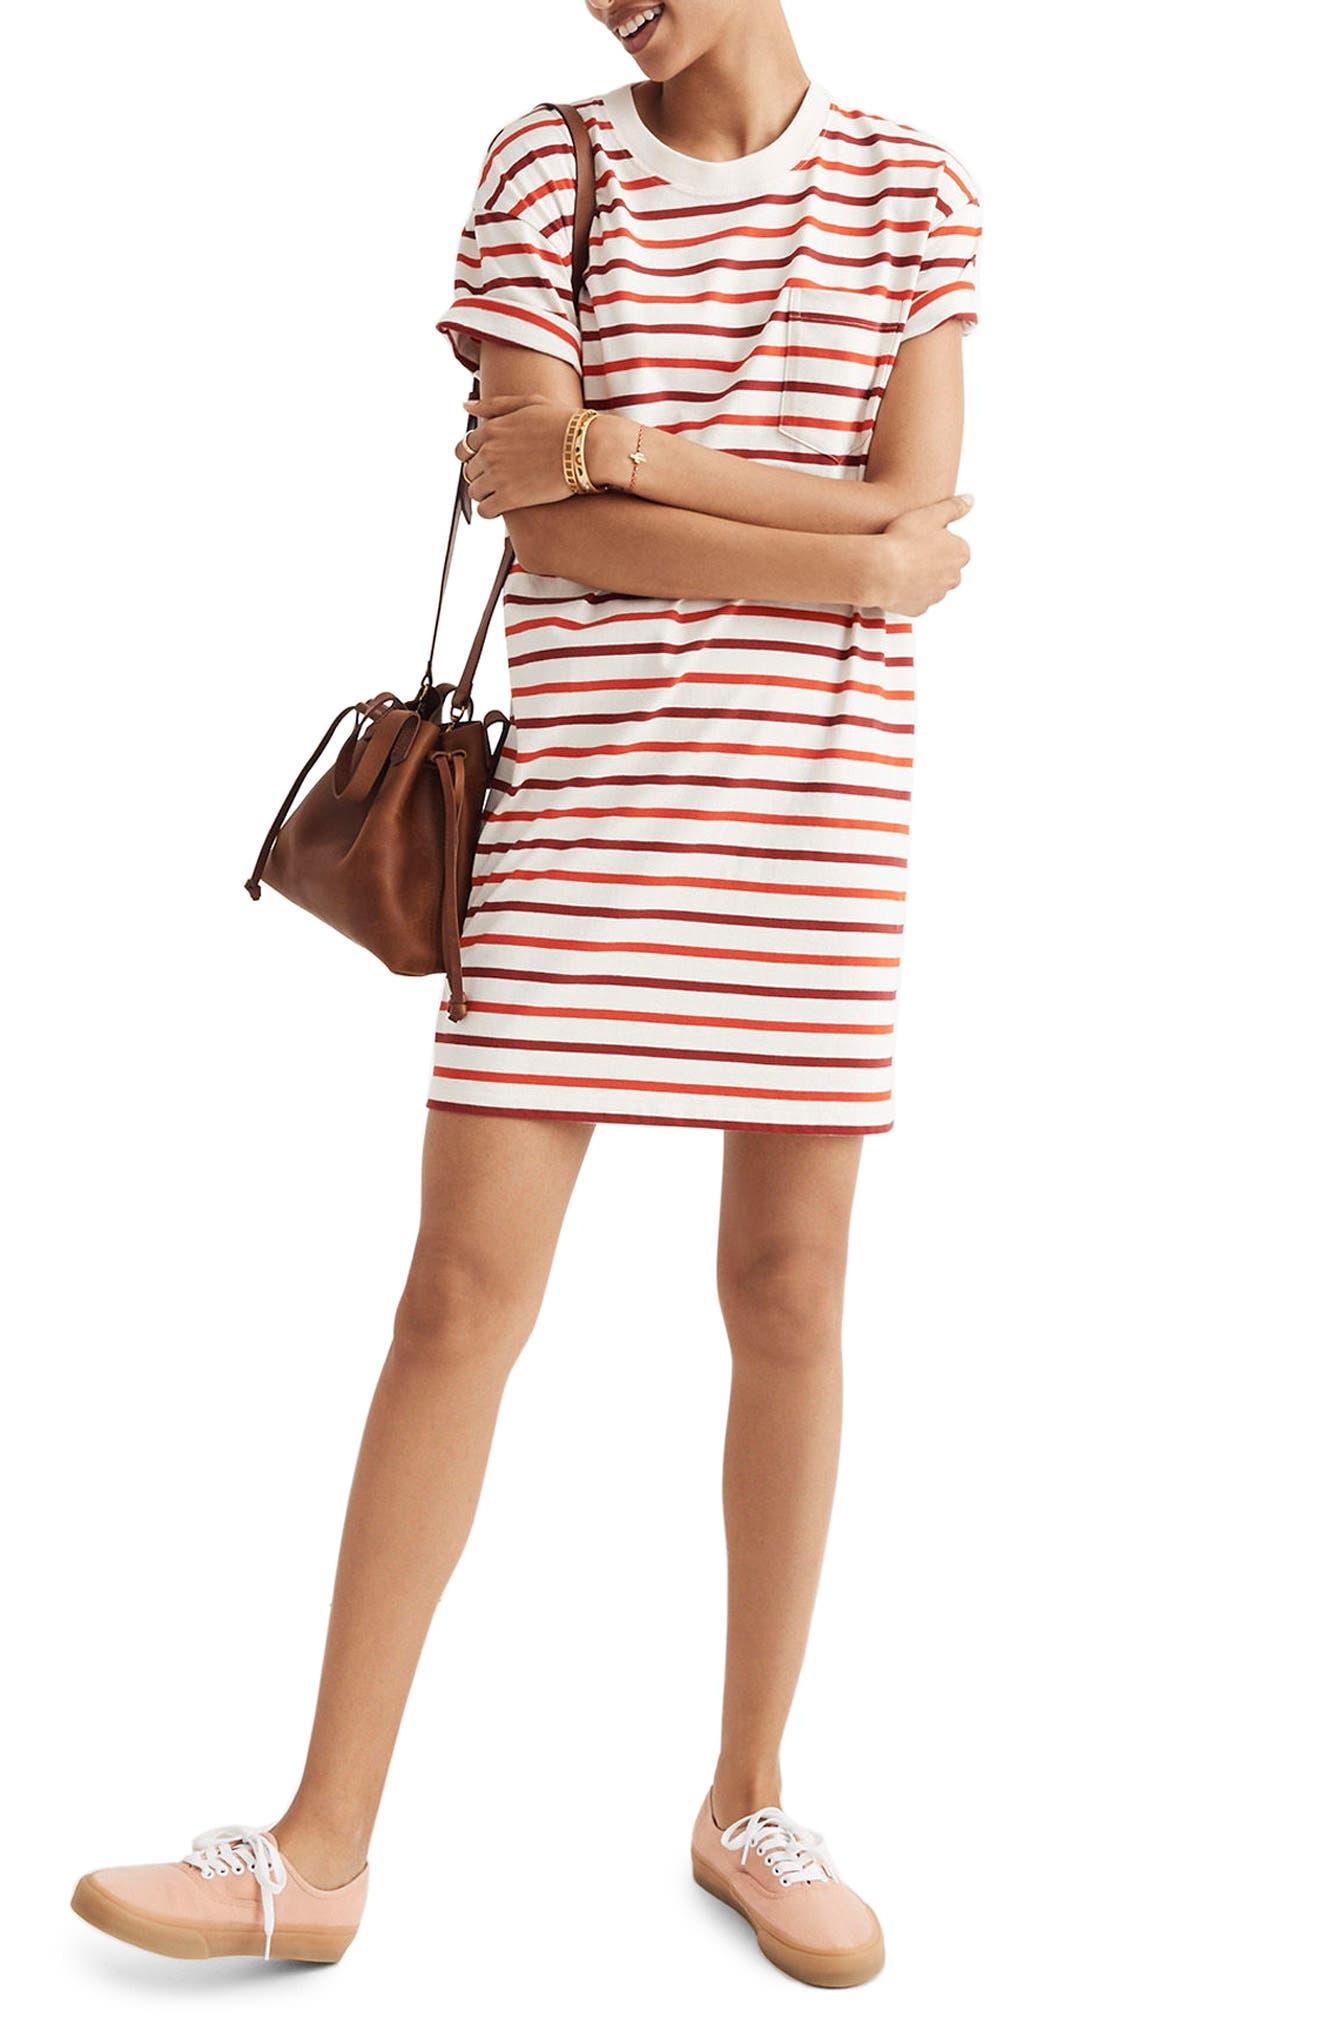 Stripe Pocket T-Shirt Dress,                             Main thumbnail 1, color,                             600